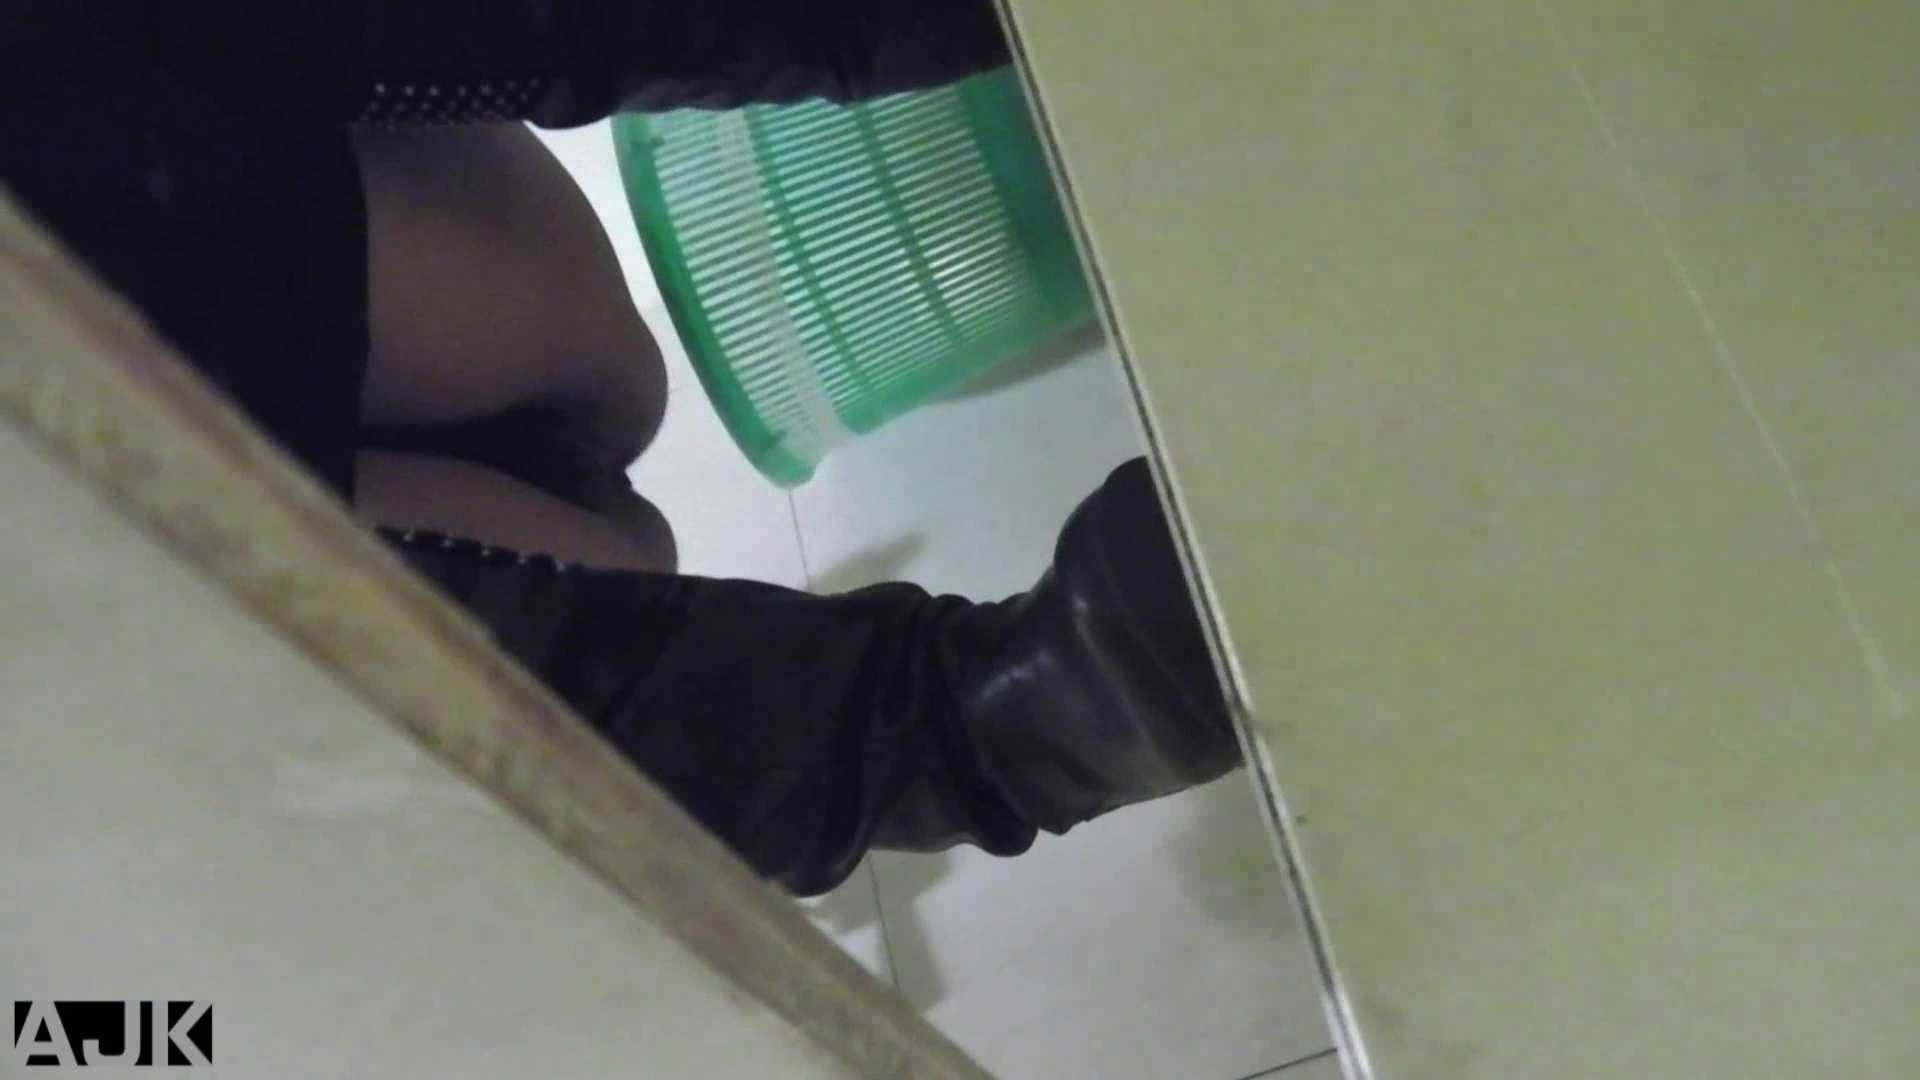 隣国上階級エリアの令嬢たちが集うデパートお手洗い Vol.01 OLの実態 | 丸見え  42pic 28